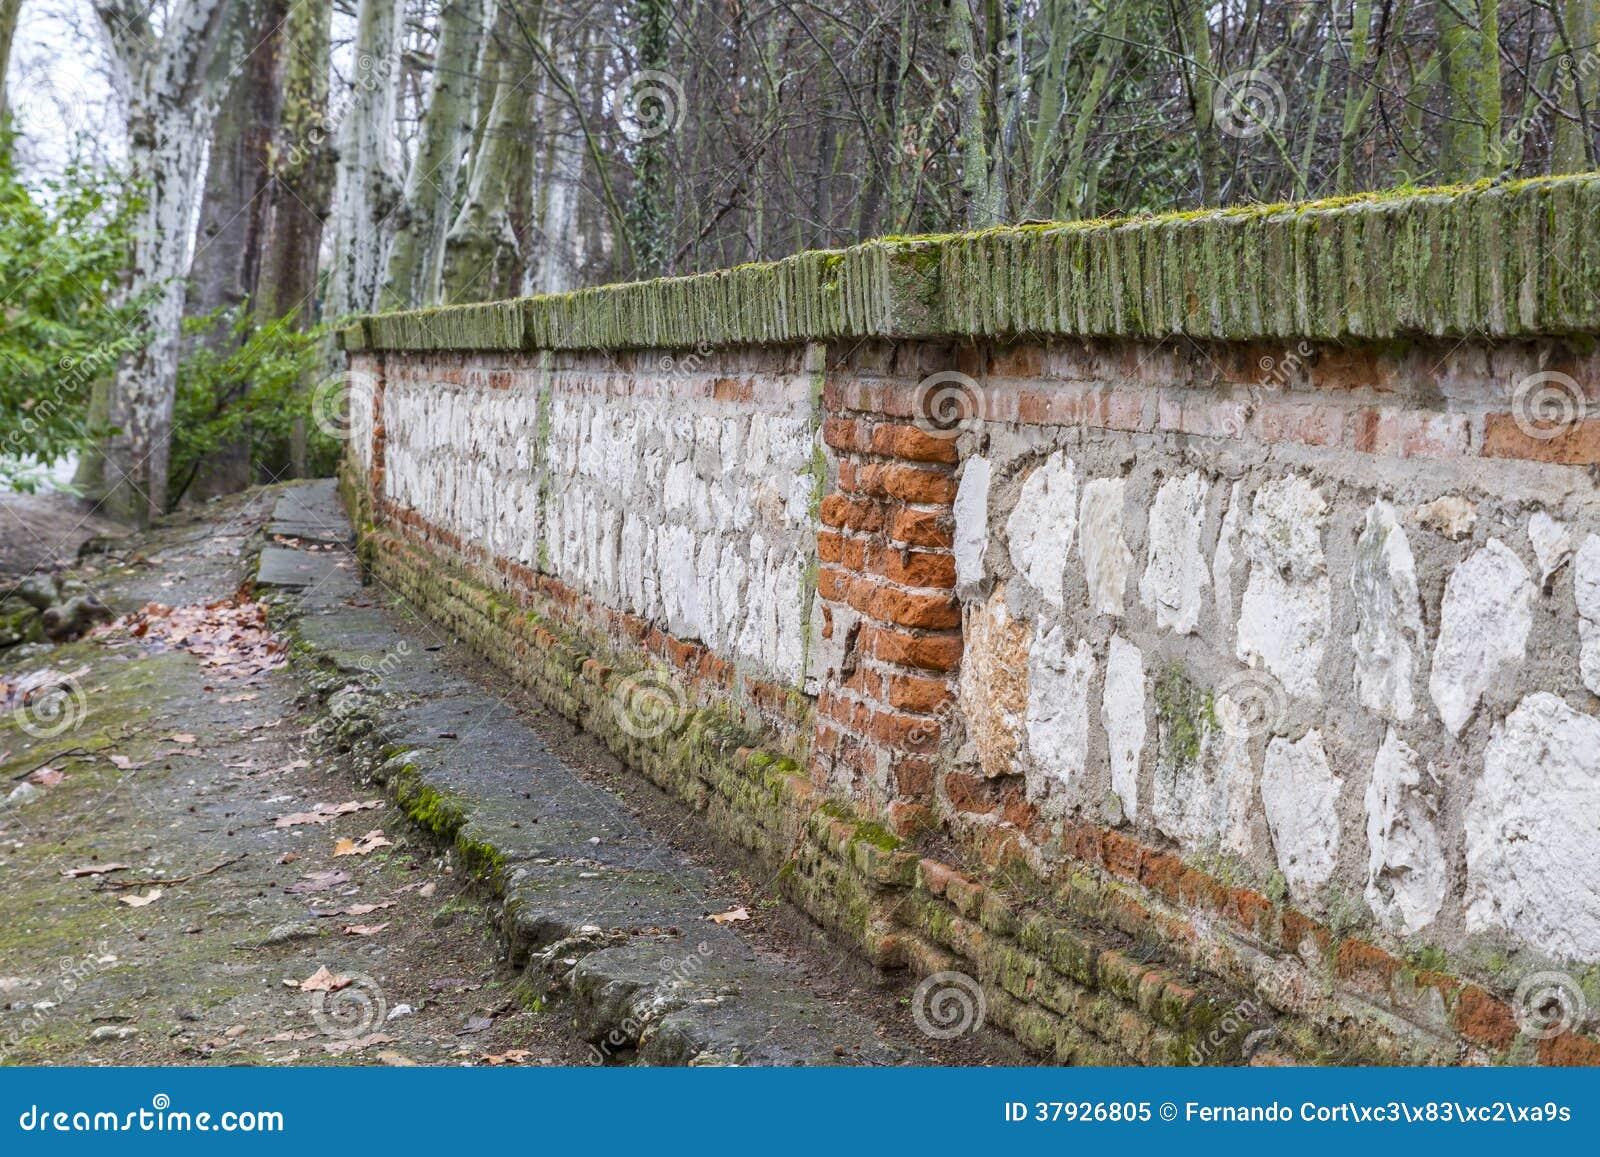 Стена в реке tajo. Аранхуэс, Мадрид, наследие s Spain.World